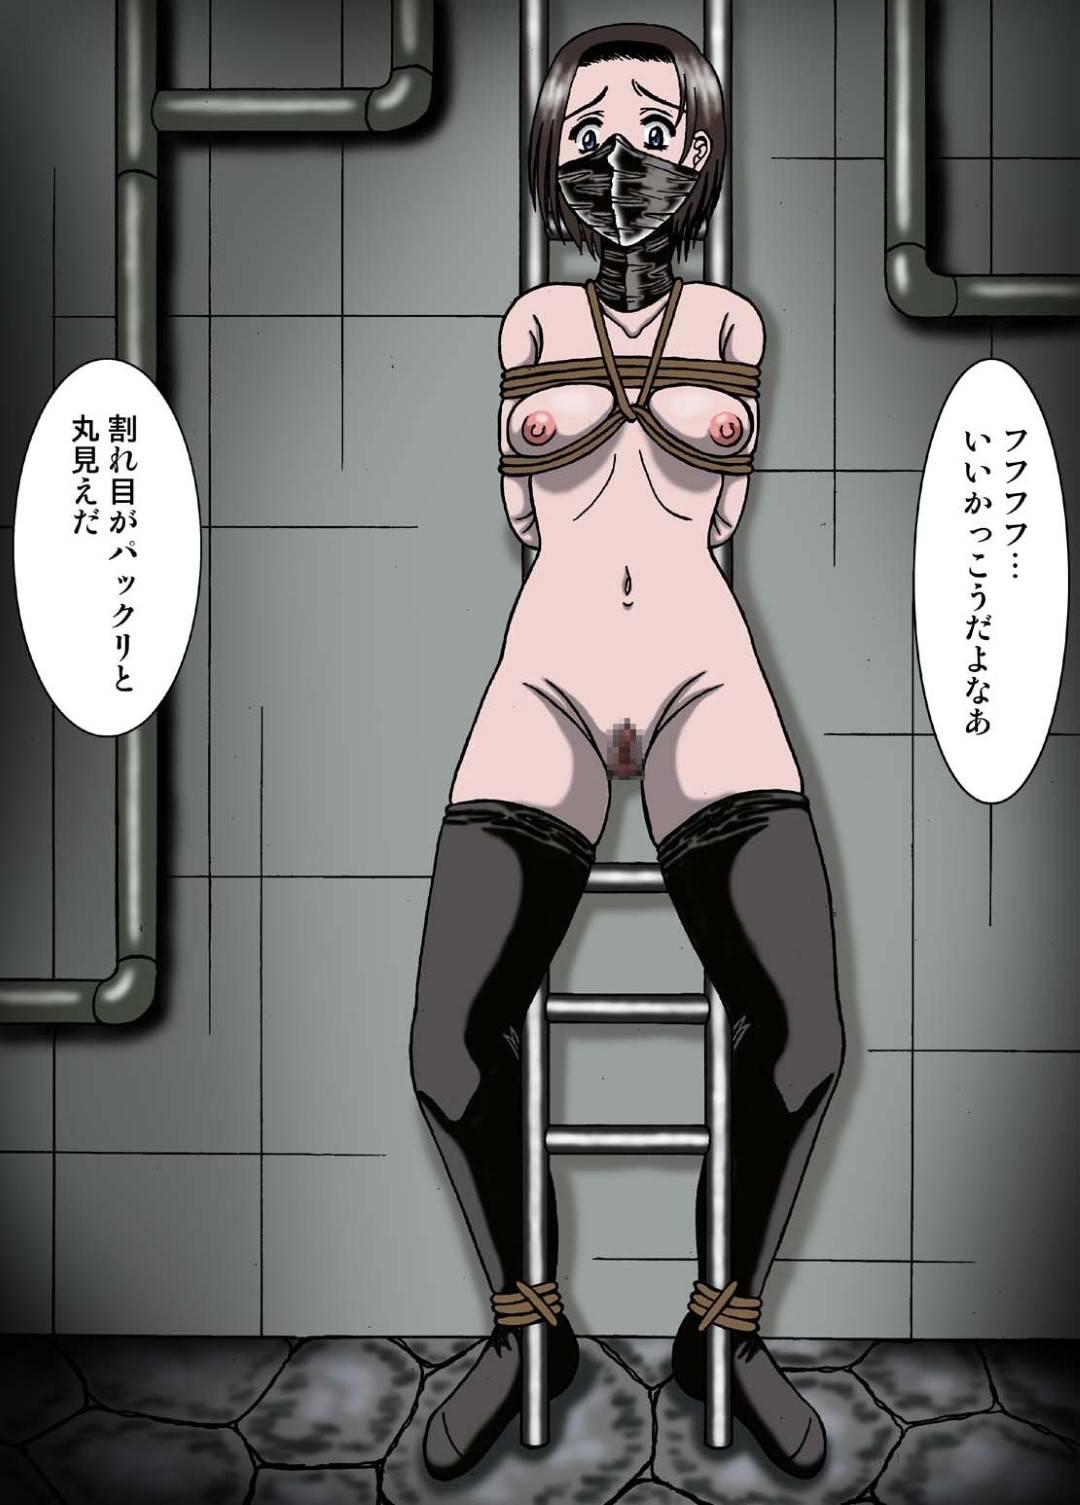 【エロ漫画】敵組織に拉致監禁されてしまったスレンダーな女スパイ。彼女は拷問される事となり、乳首に電極をつけられて電気を流されるリョナプレイを受ける!